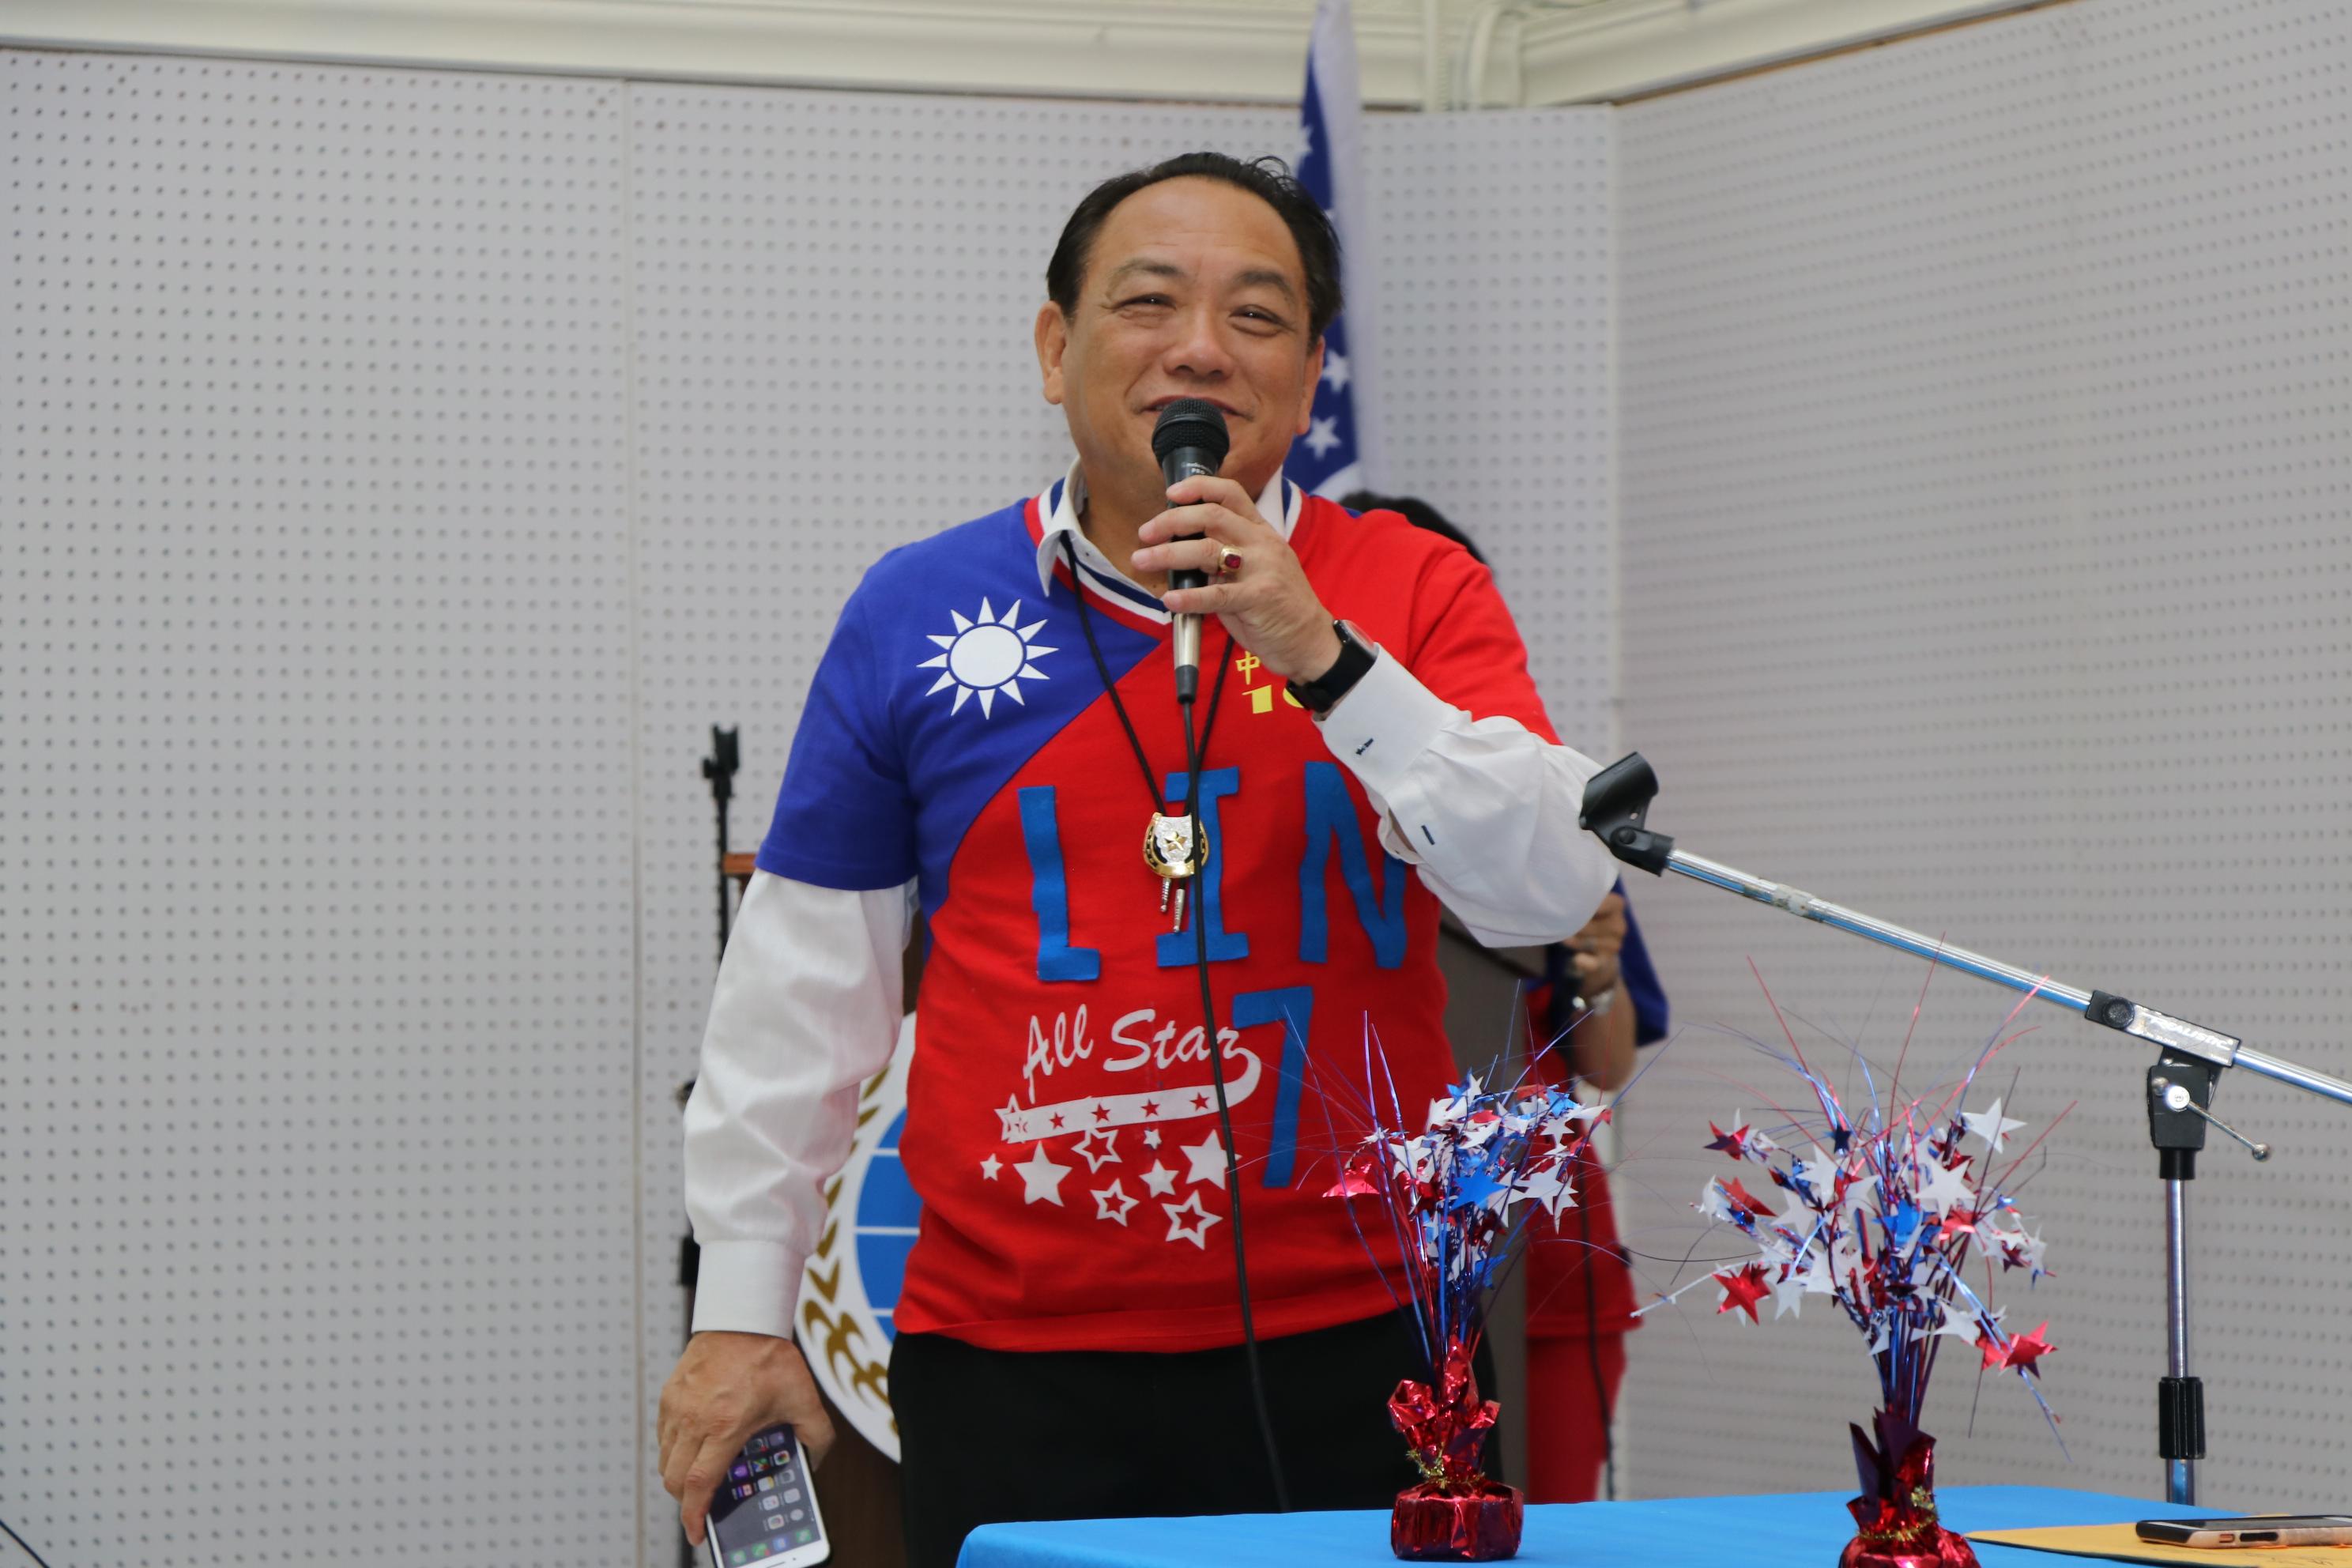 賴清陽人在海外心在祖國,40多年來時時關心國家的變化。